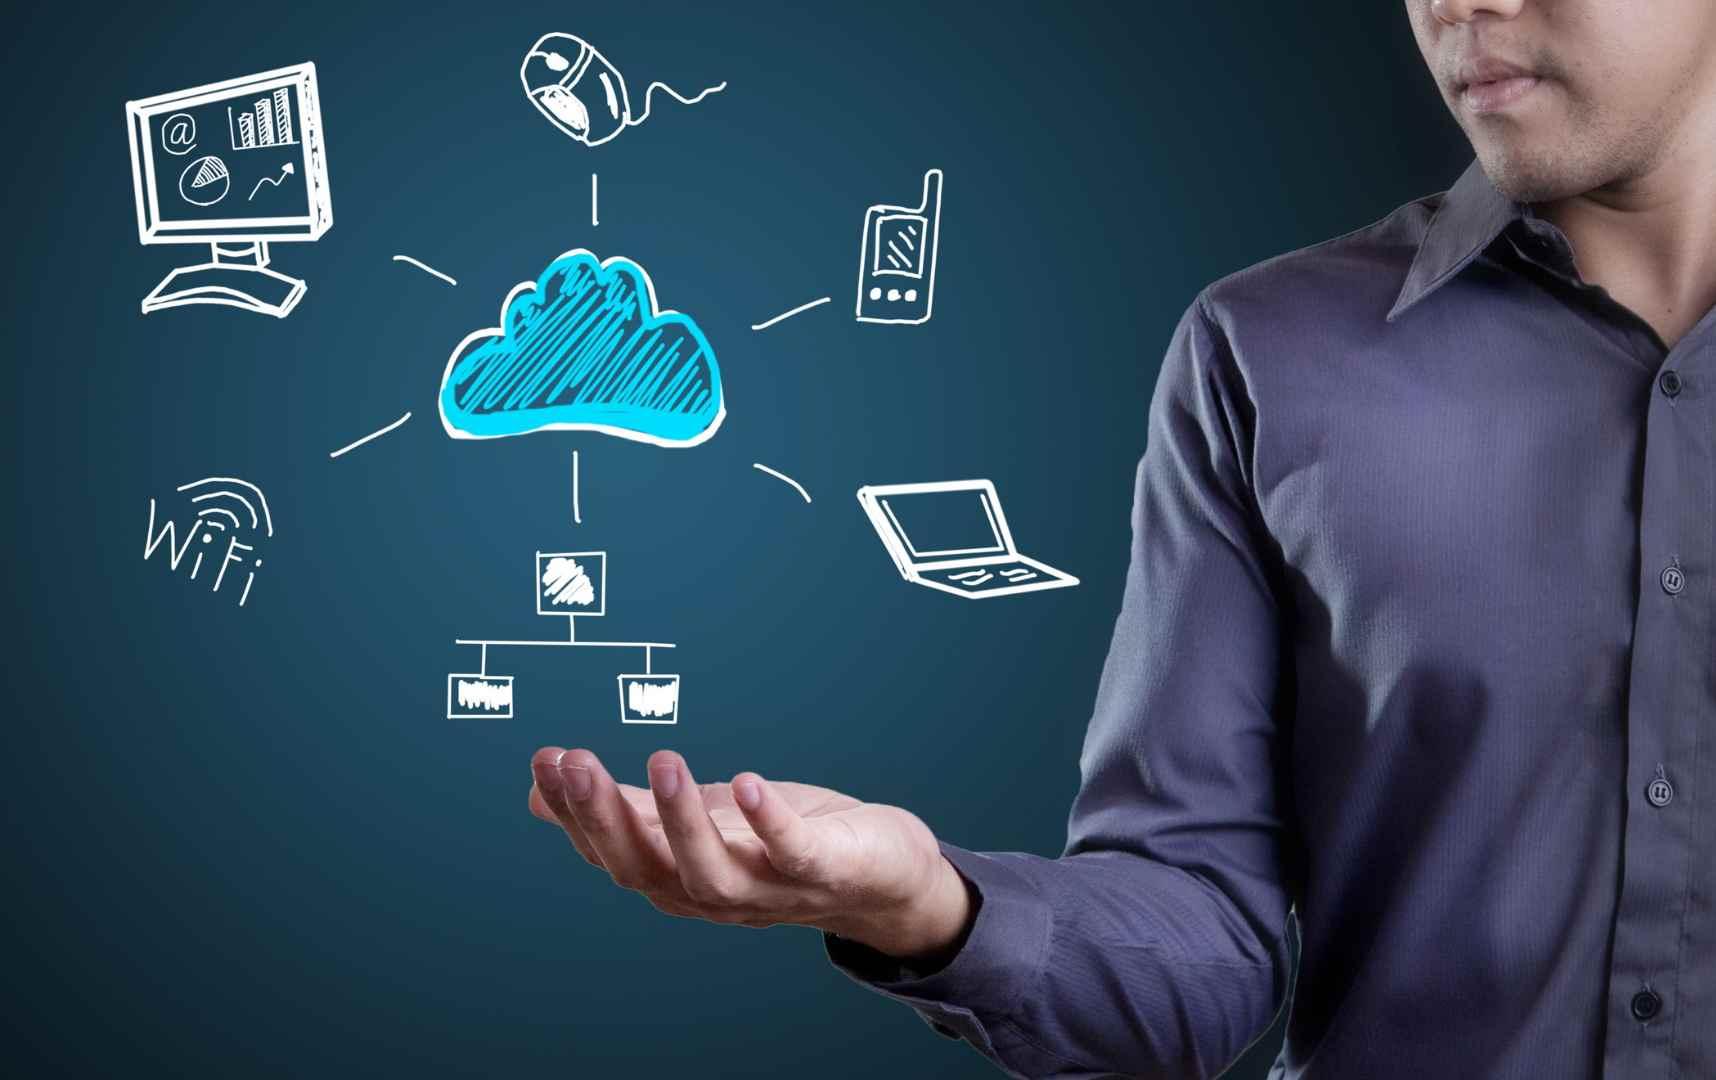 Tecnología: cómo estar siempre a la vanguardia